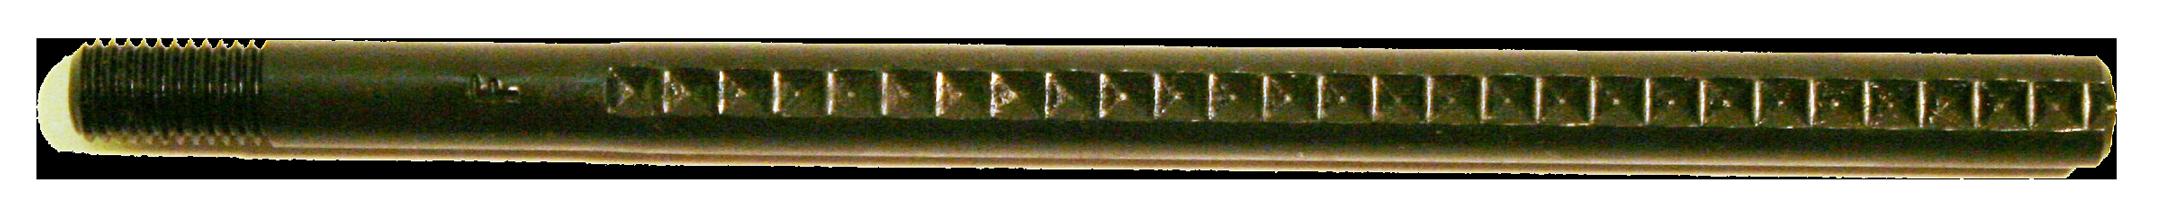 Stahlhalter zu Set F Image